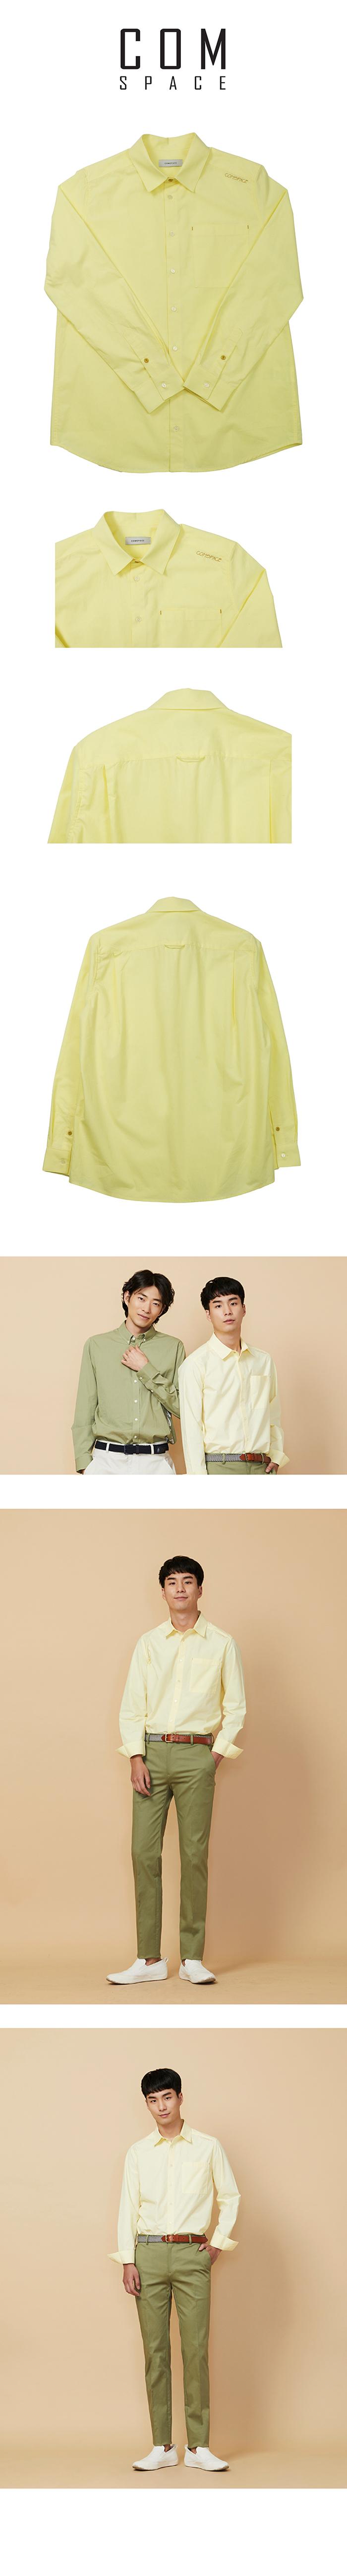 40sBasicShirt Yellow.jpg